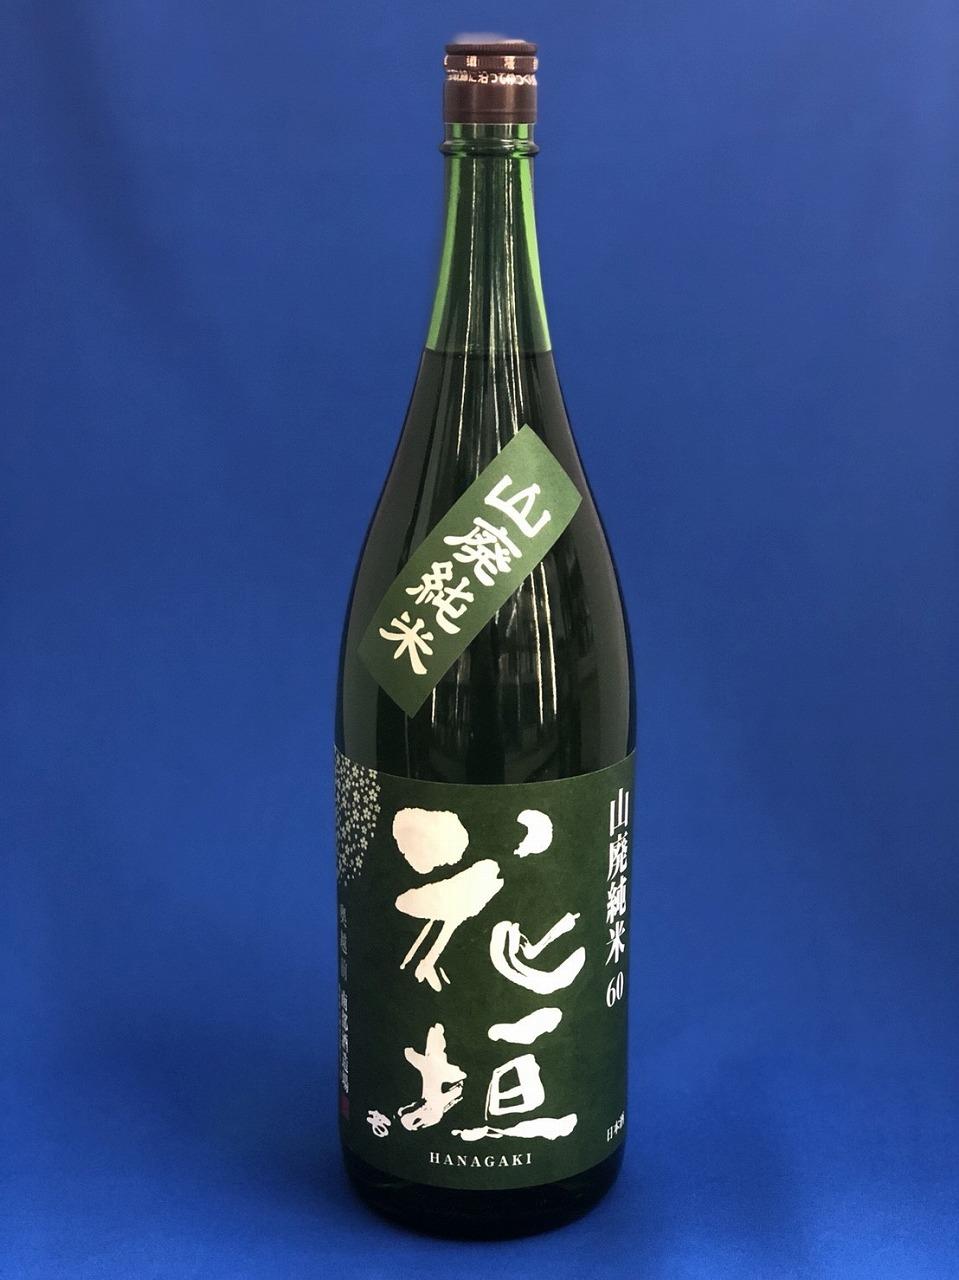 花垣 山廃純米 R1BY